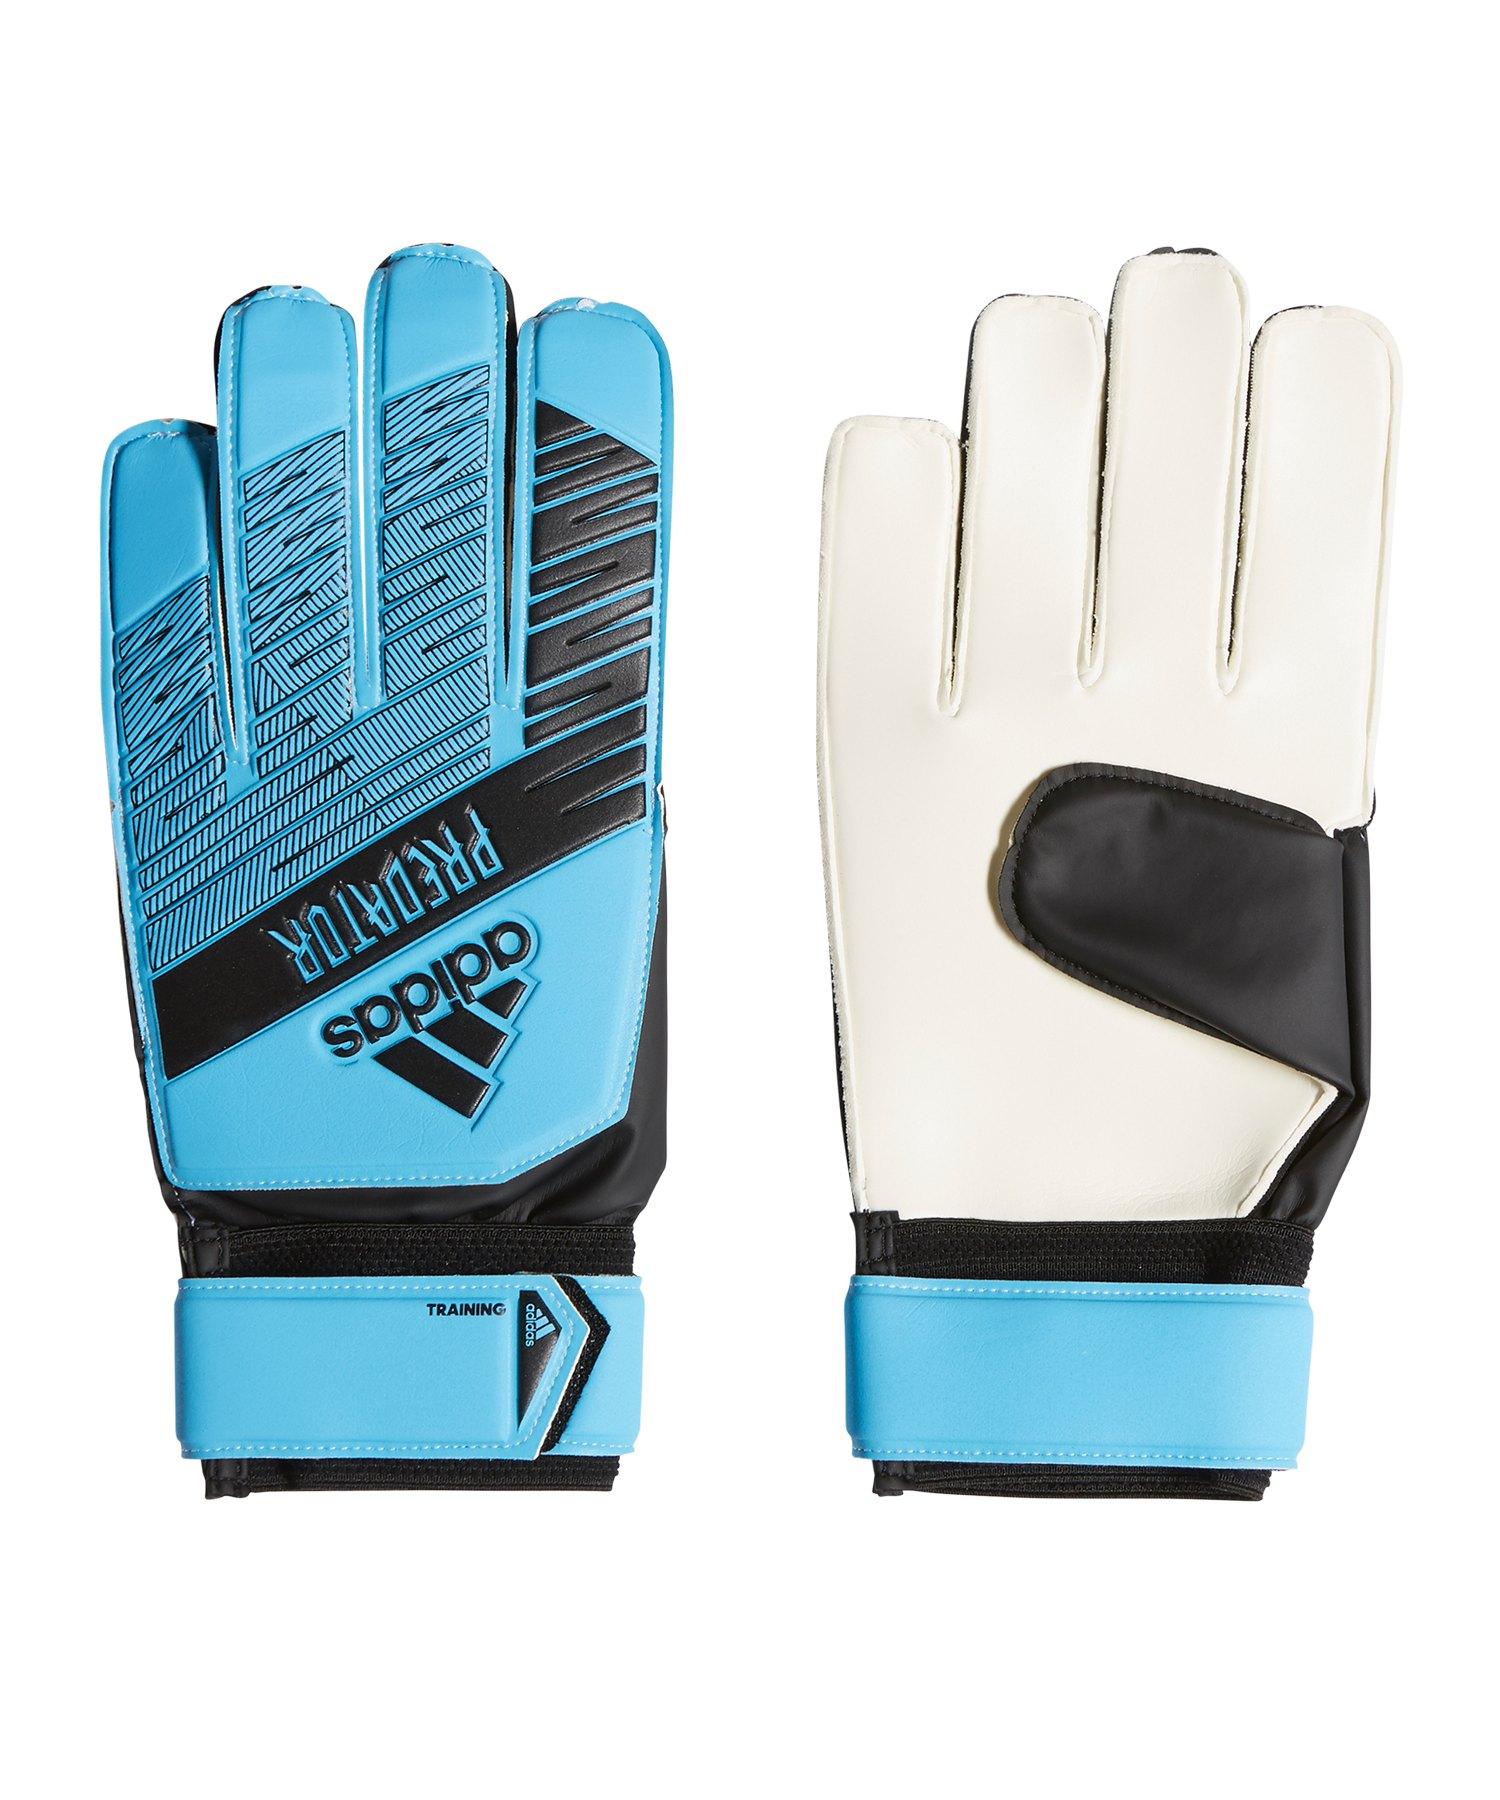 adidas Predator Torwarthandschuh Blau - blau